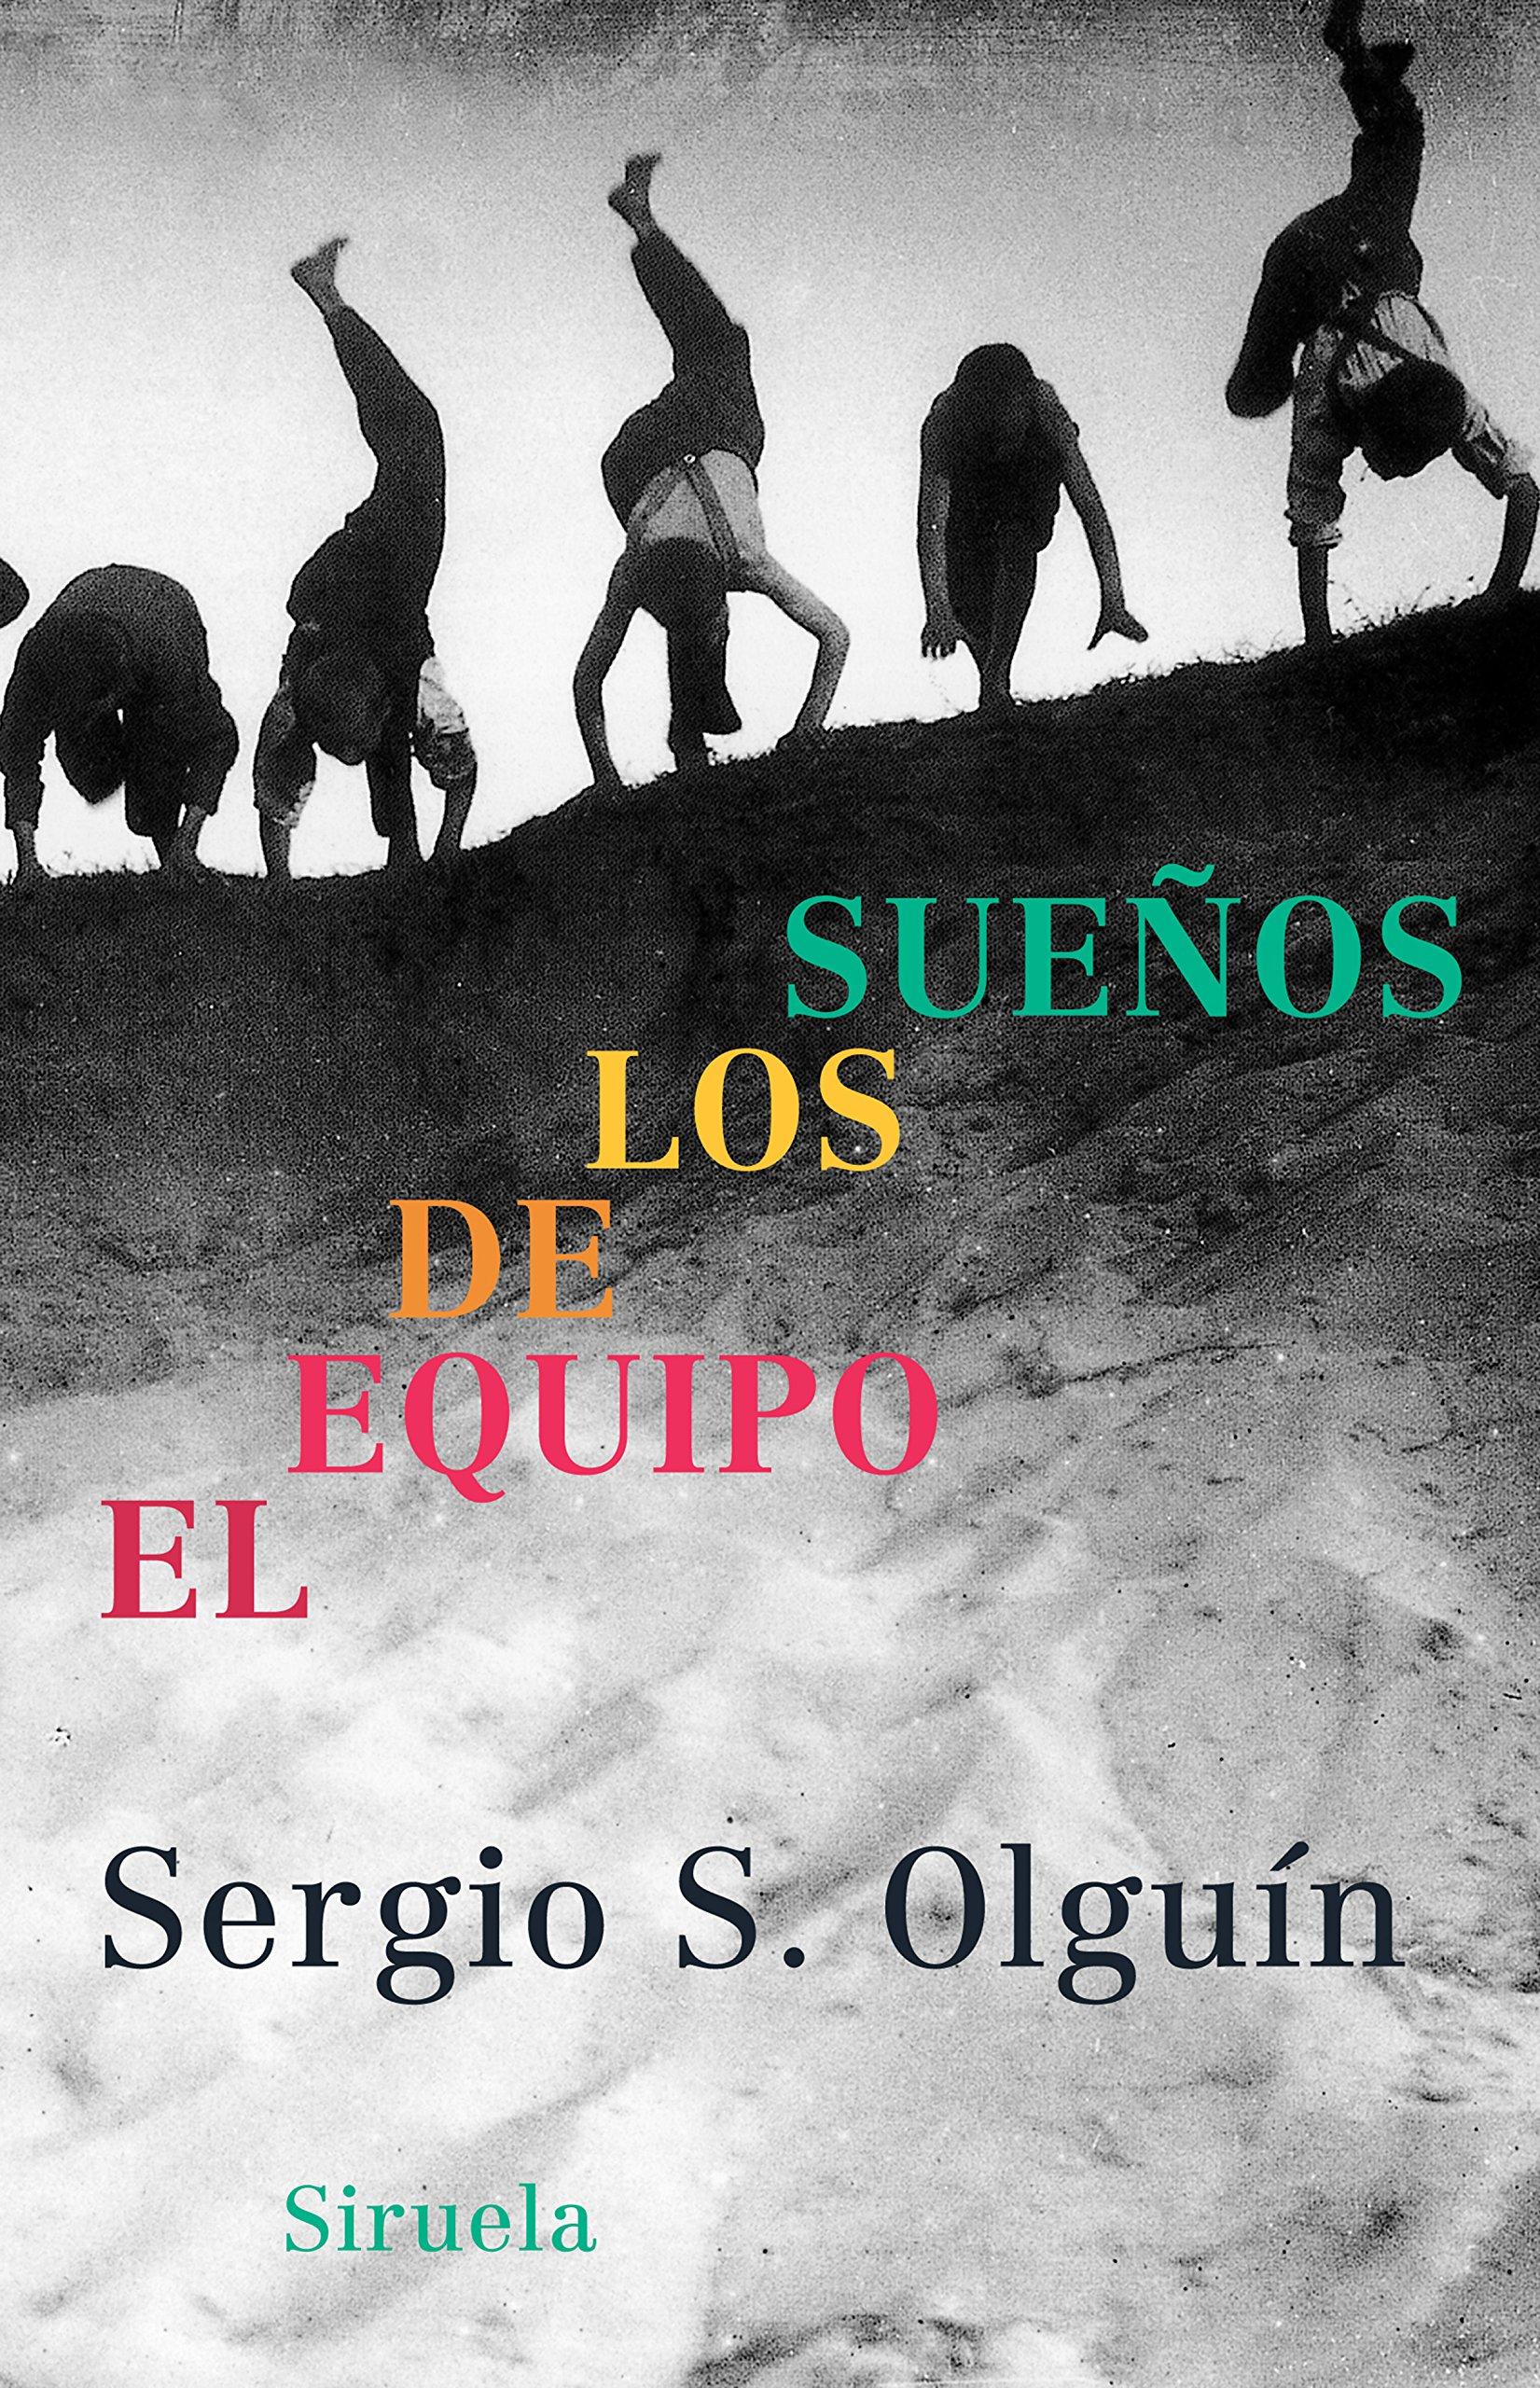 El equipo de los sueños: Sergio S. Olguín: 9788478448463 ...